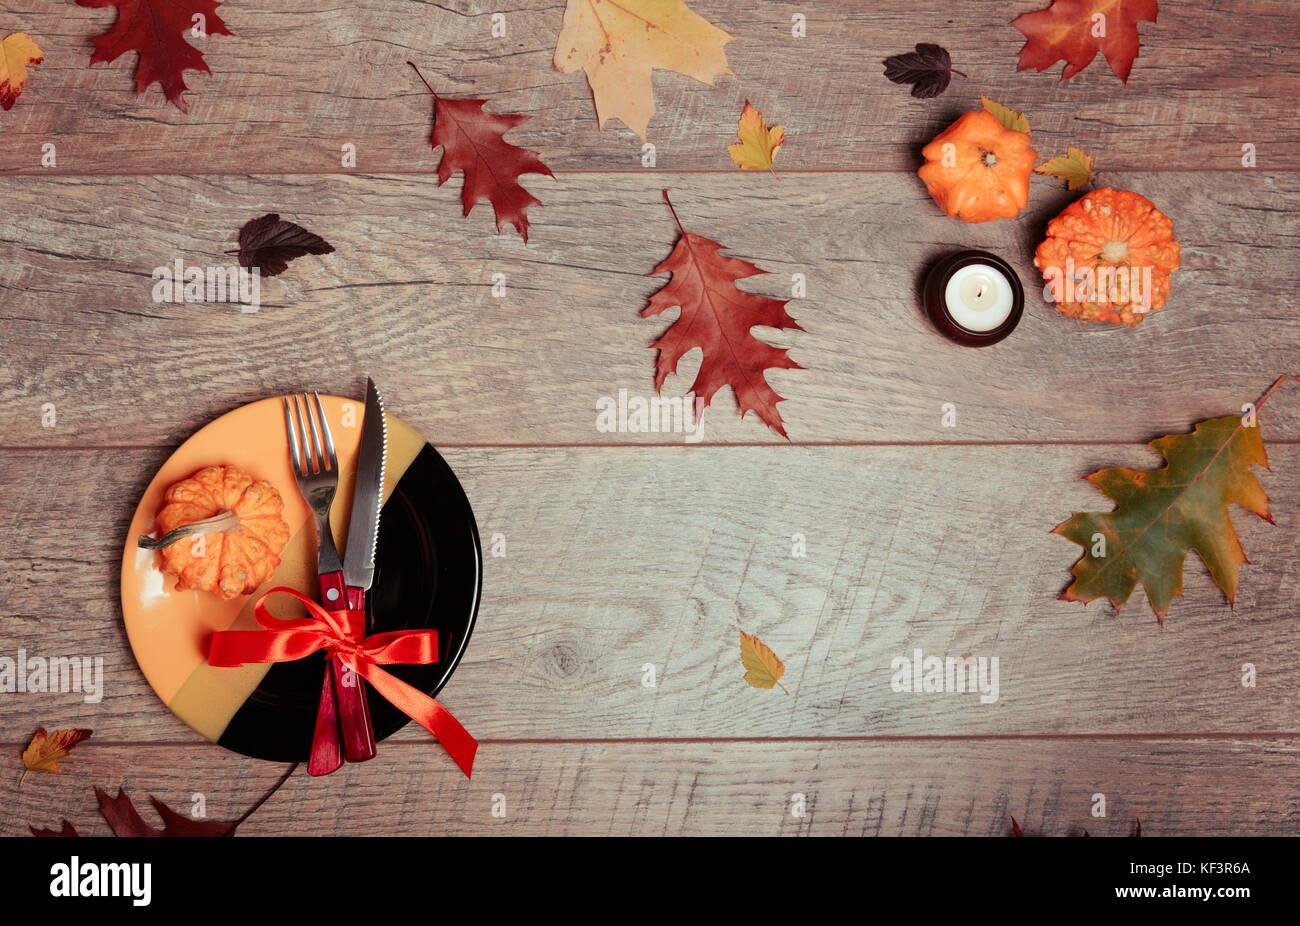 Tabelle Mit Herbst Dekor Gabel Messer Serviette Besteck Bunte Blatter Urlaub Dekorationen Thanksgiving Dinner Herbstliche Stimmung Halloween Thanksgiving Urlaub Konzept Top View Stockfotografie Alamy